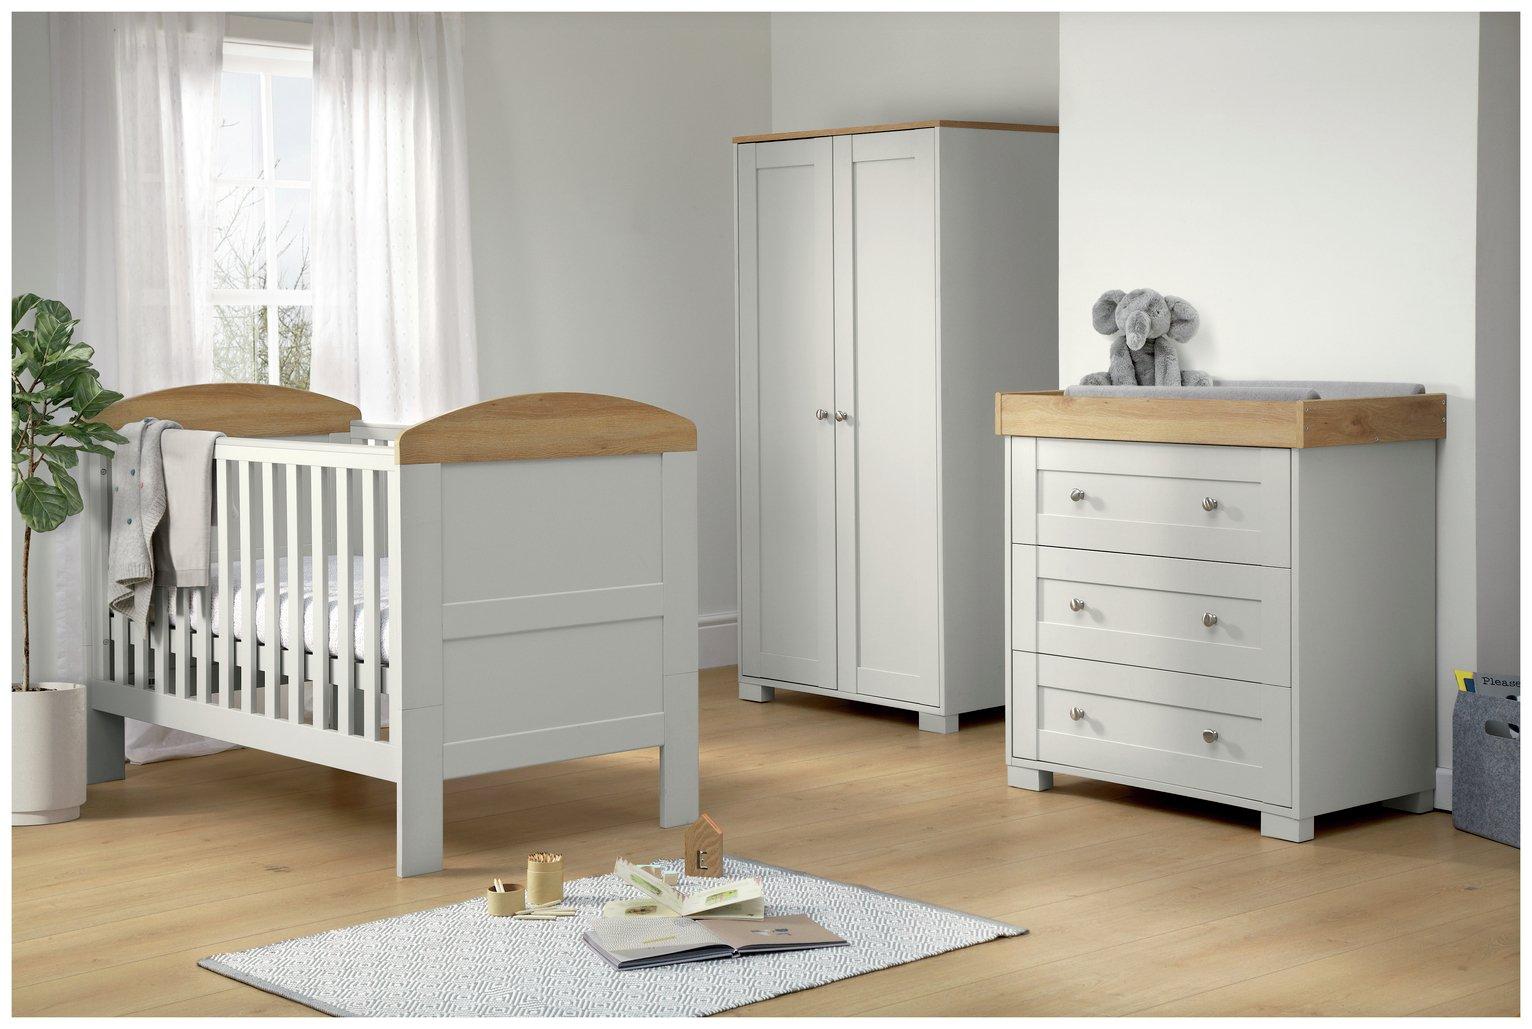 3 Piece Nursery Furniture Sets obaby grace piece nursery furniture set white at argos